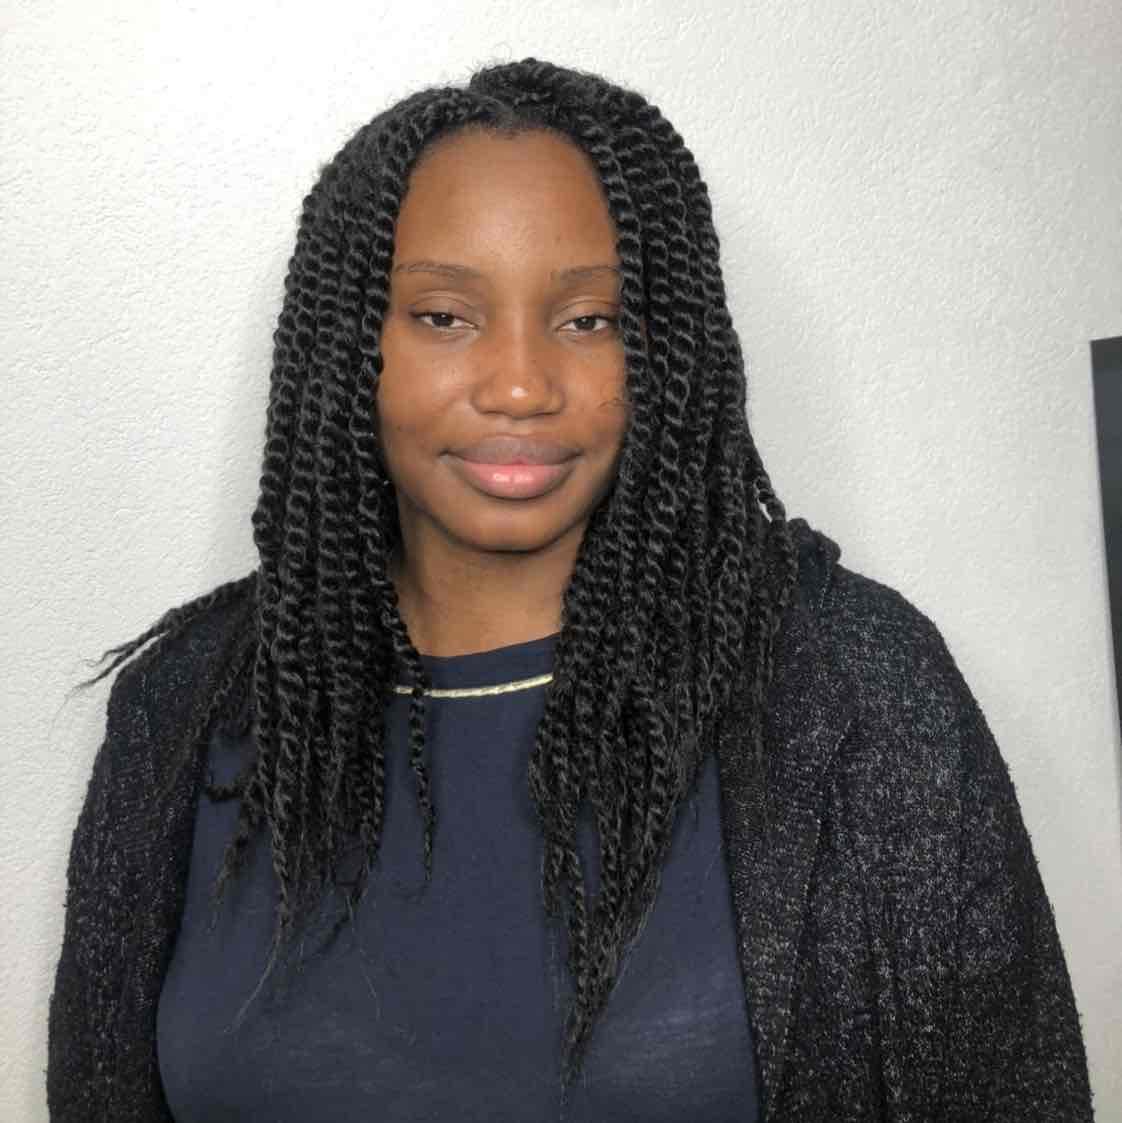 salon de coiffure afro tresse tresses box braids crochet braids vanilles tissages paris 75 77 78 91 92 93 94 95 HTJFACWB